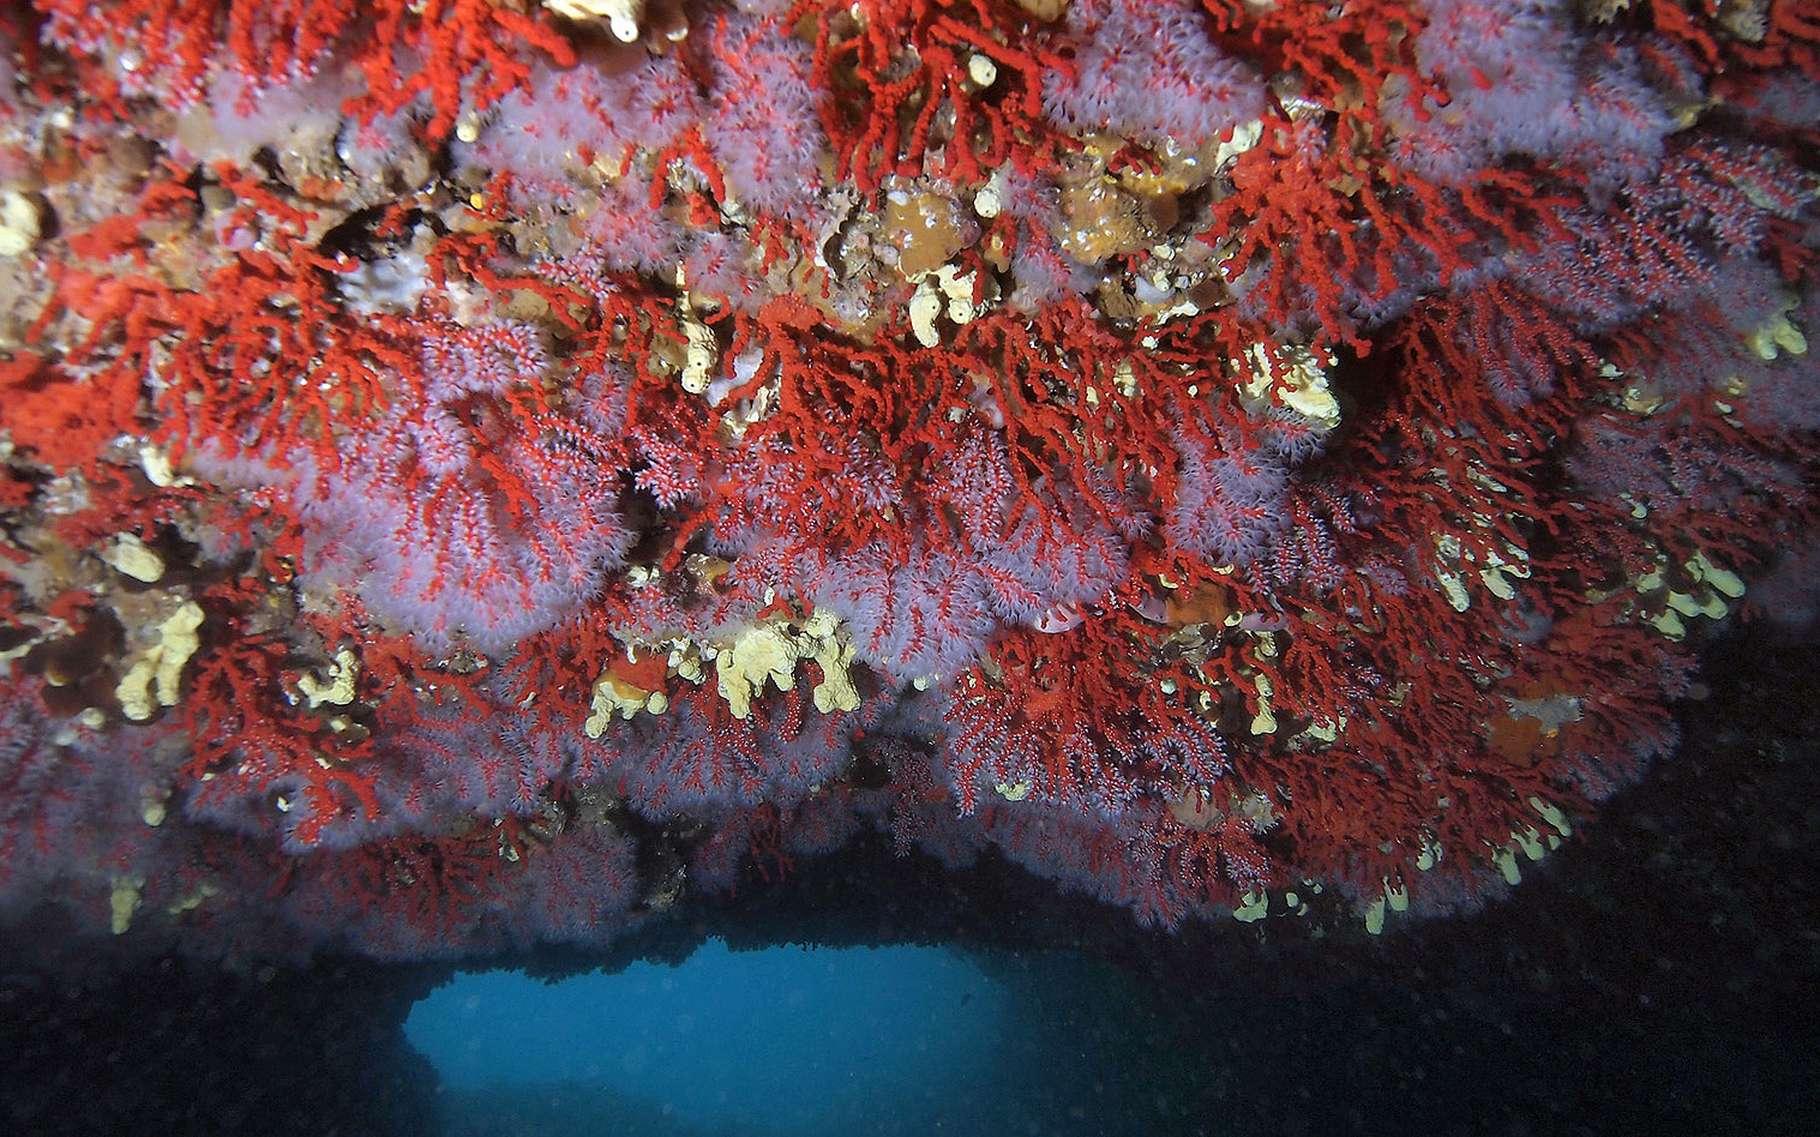 Le corail rouge est un étonnant organisme marin qui se trouve notamment en Méditerranée. © DR